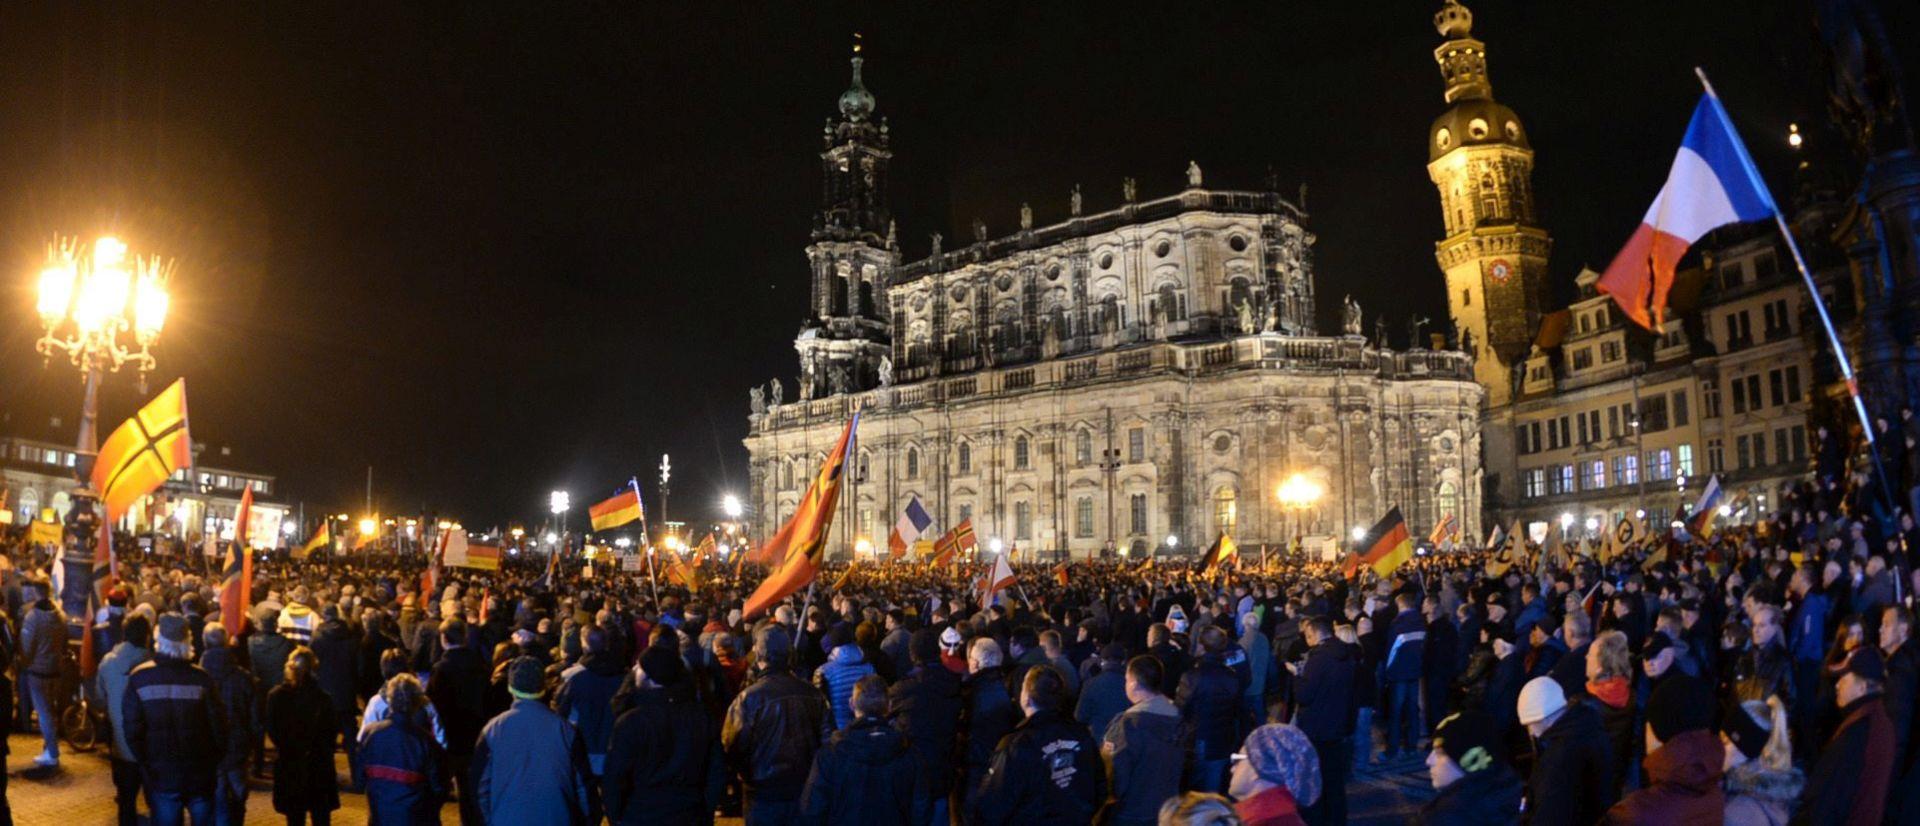 Prosvjedi protiv imigracije u Njemačkoj nakon terorističkih napada u Parizu